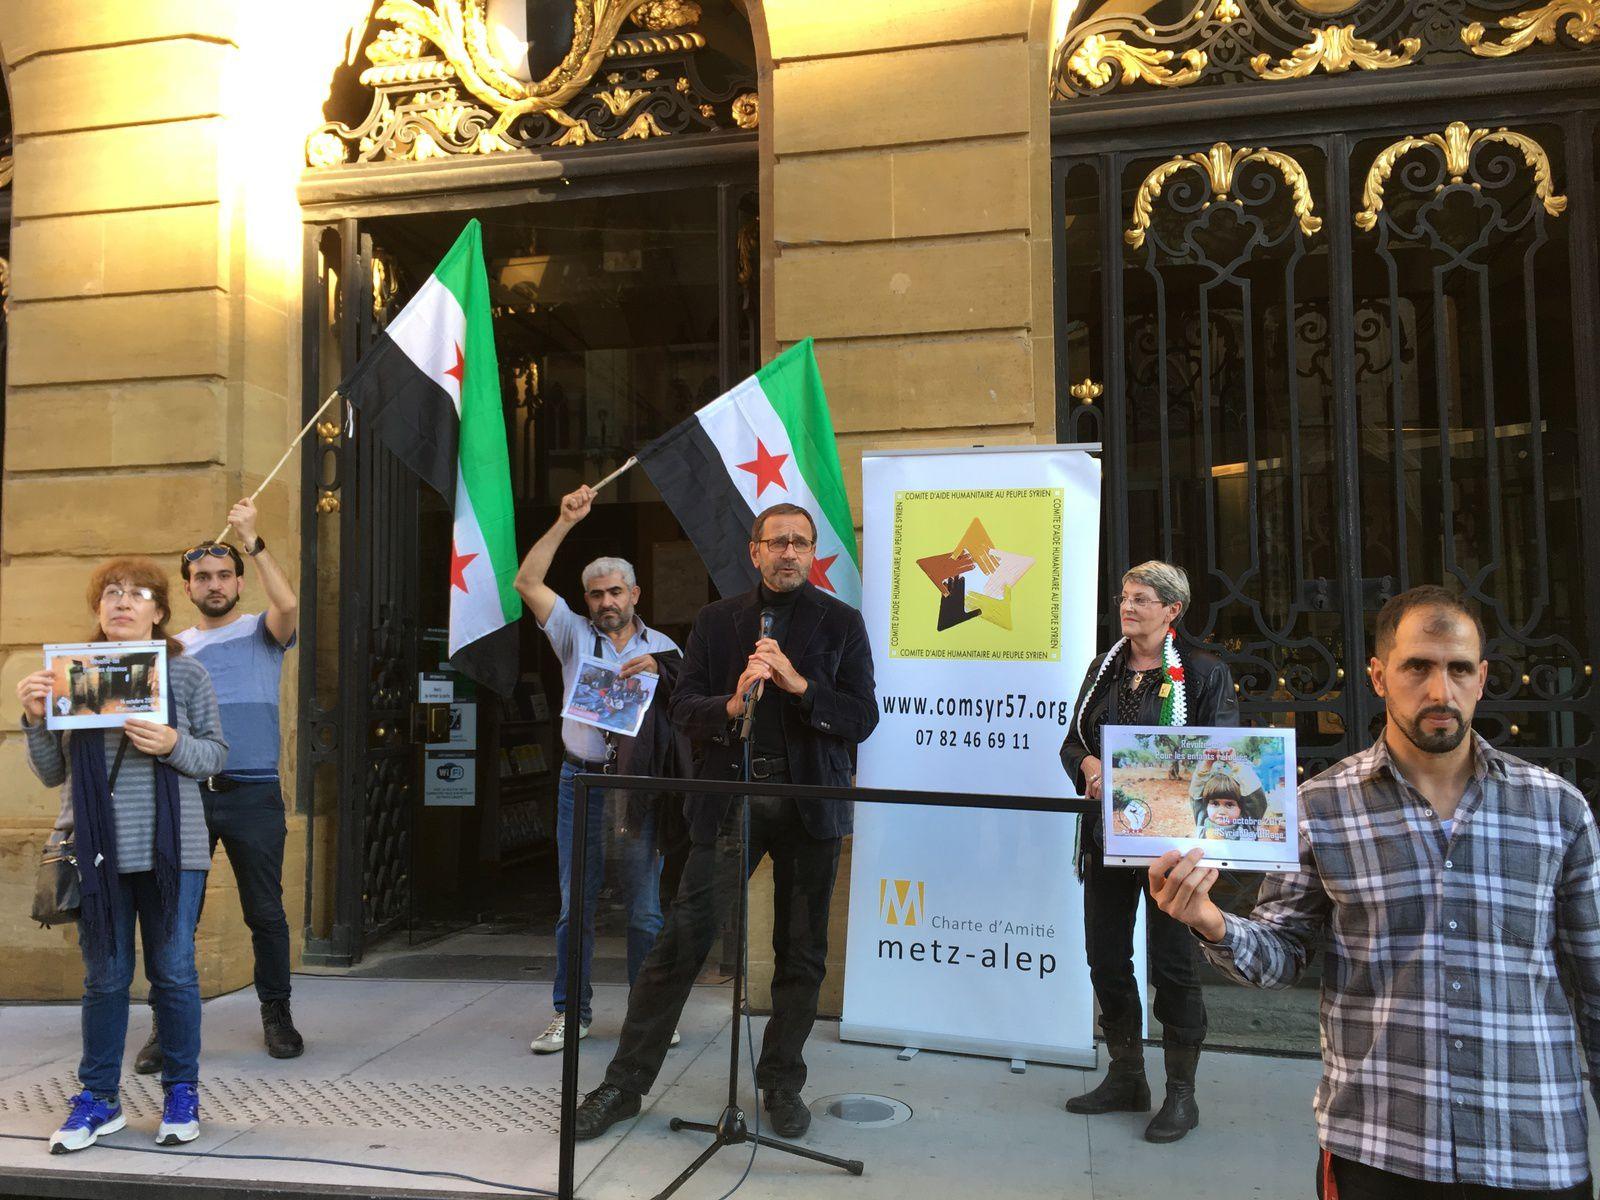 14 octobre, jour de colère pour la Syrie. Rassemblement à Metz